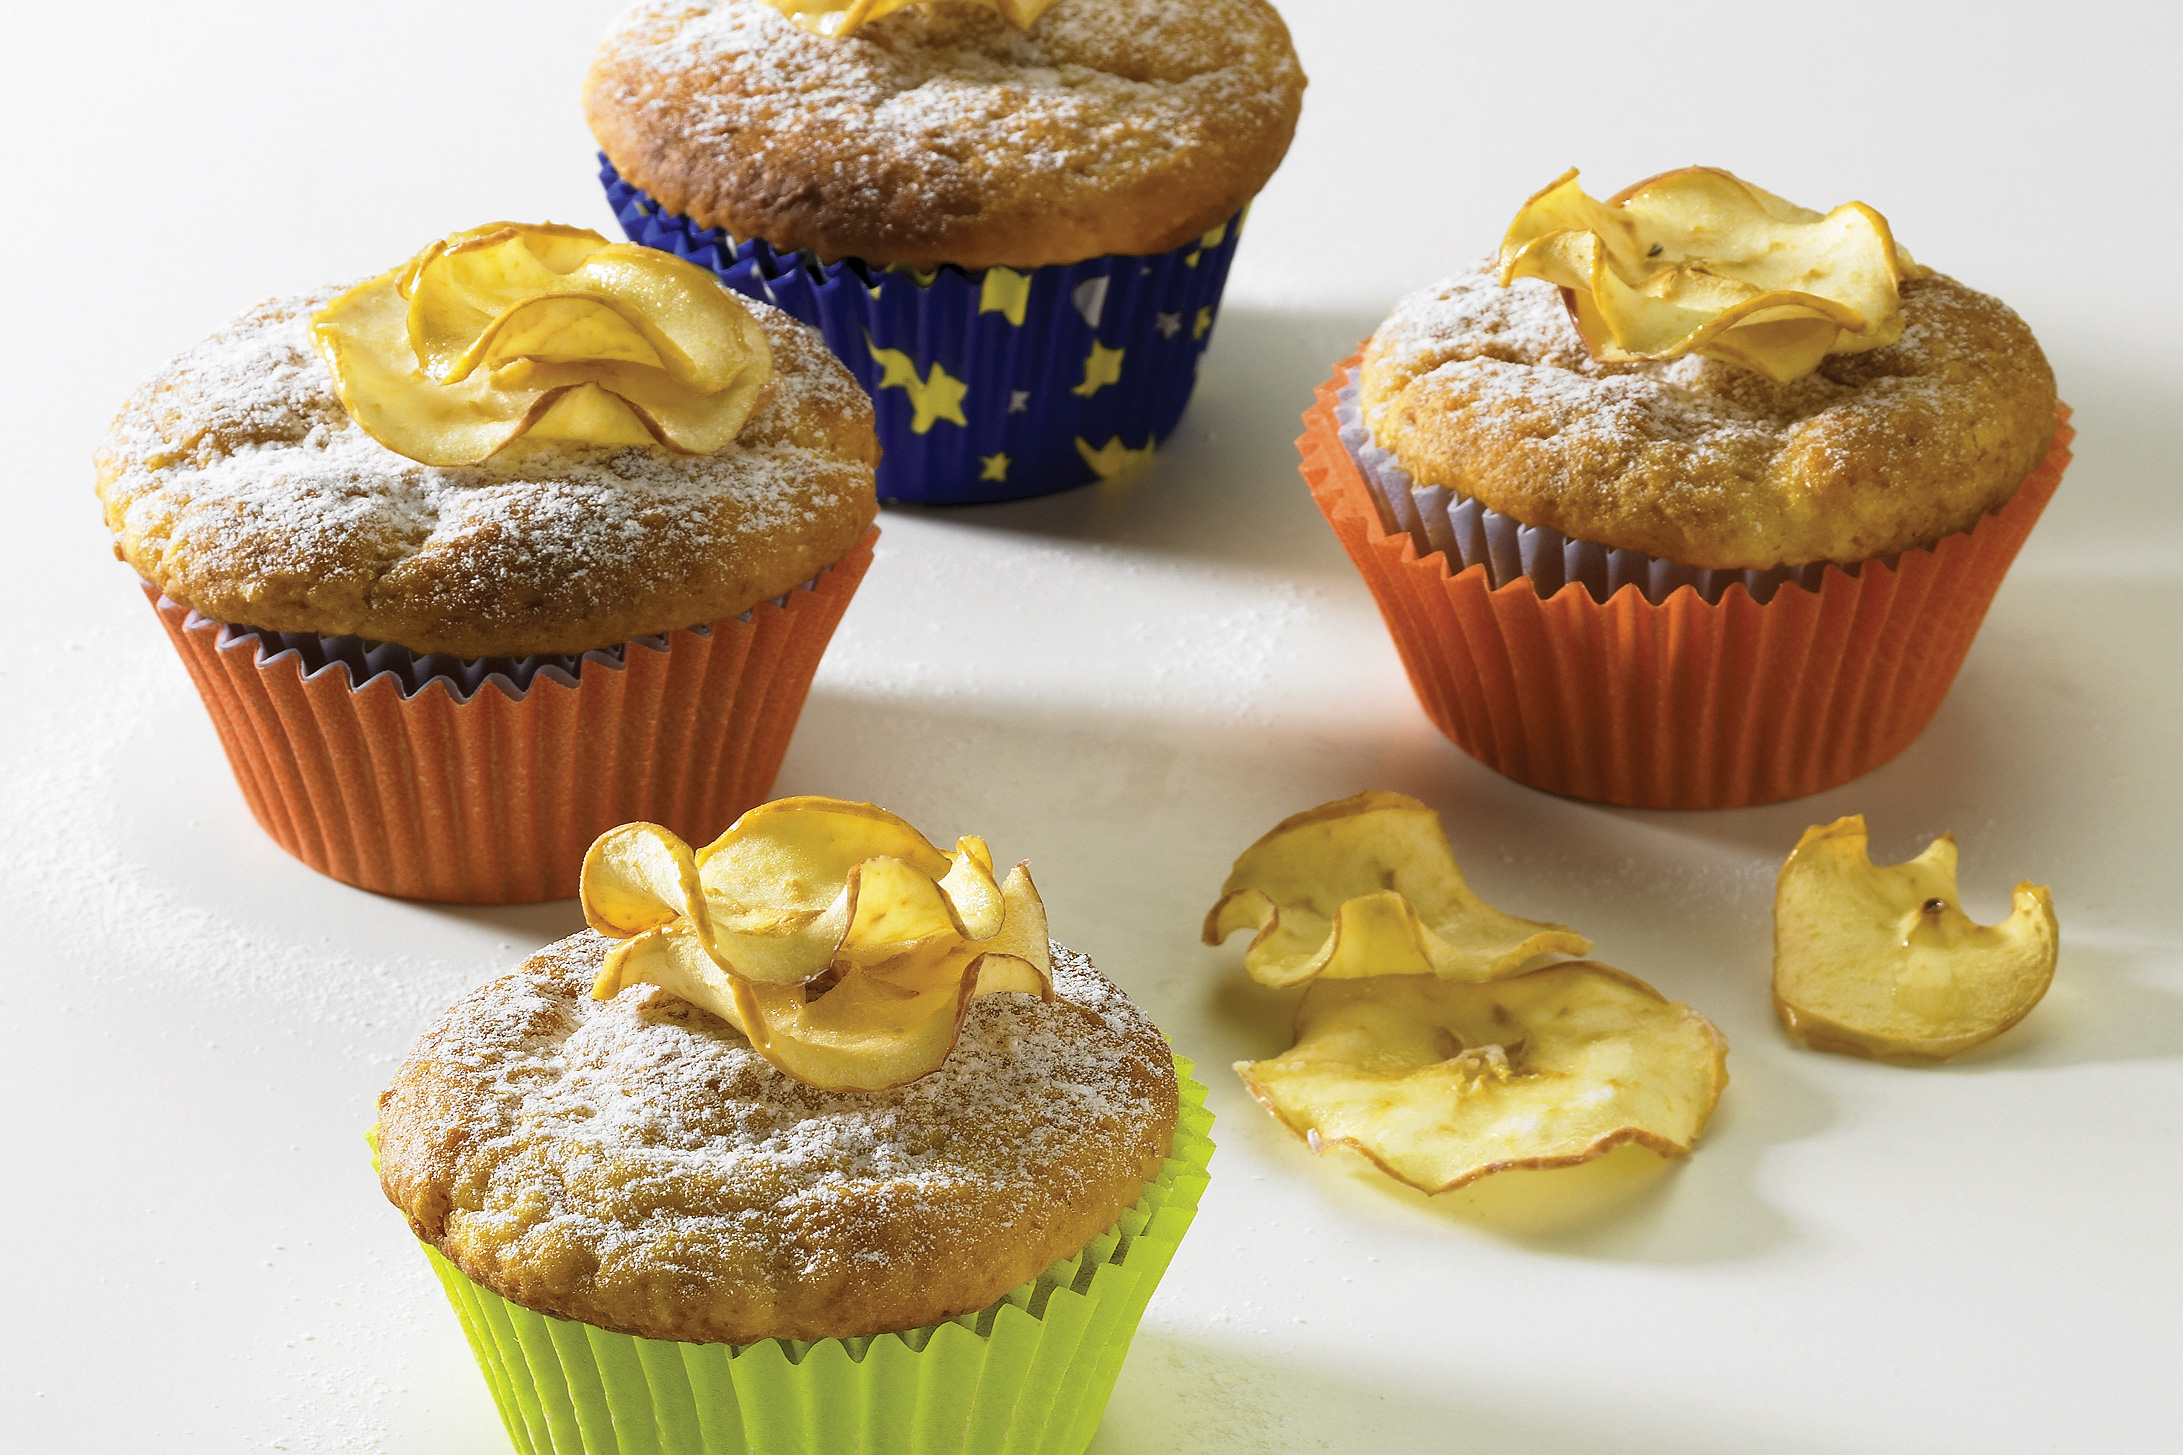 Apfel-Muffins mit Apfelchips